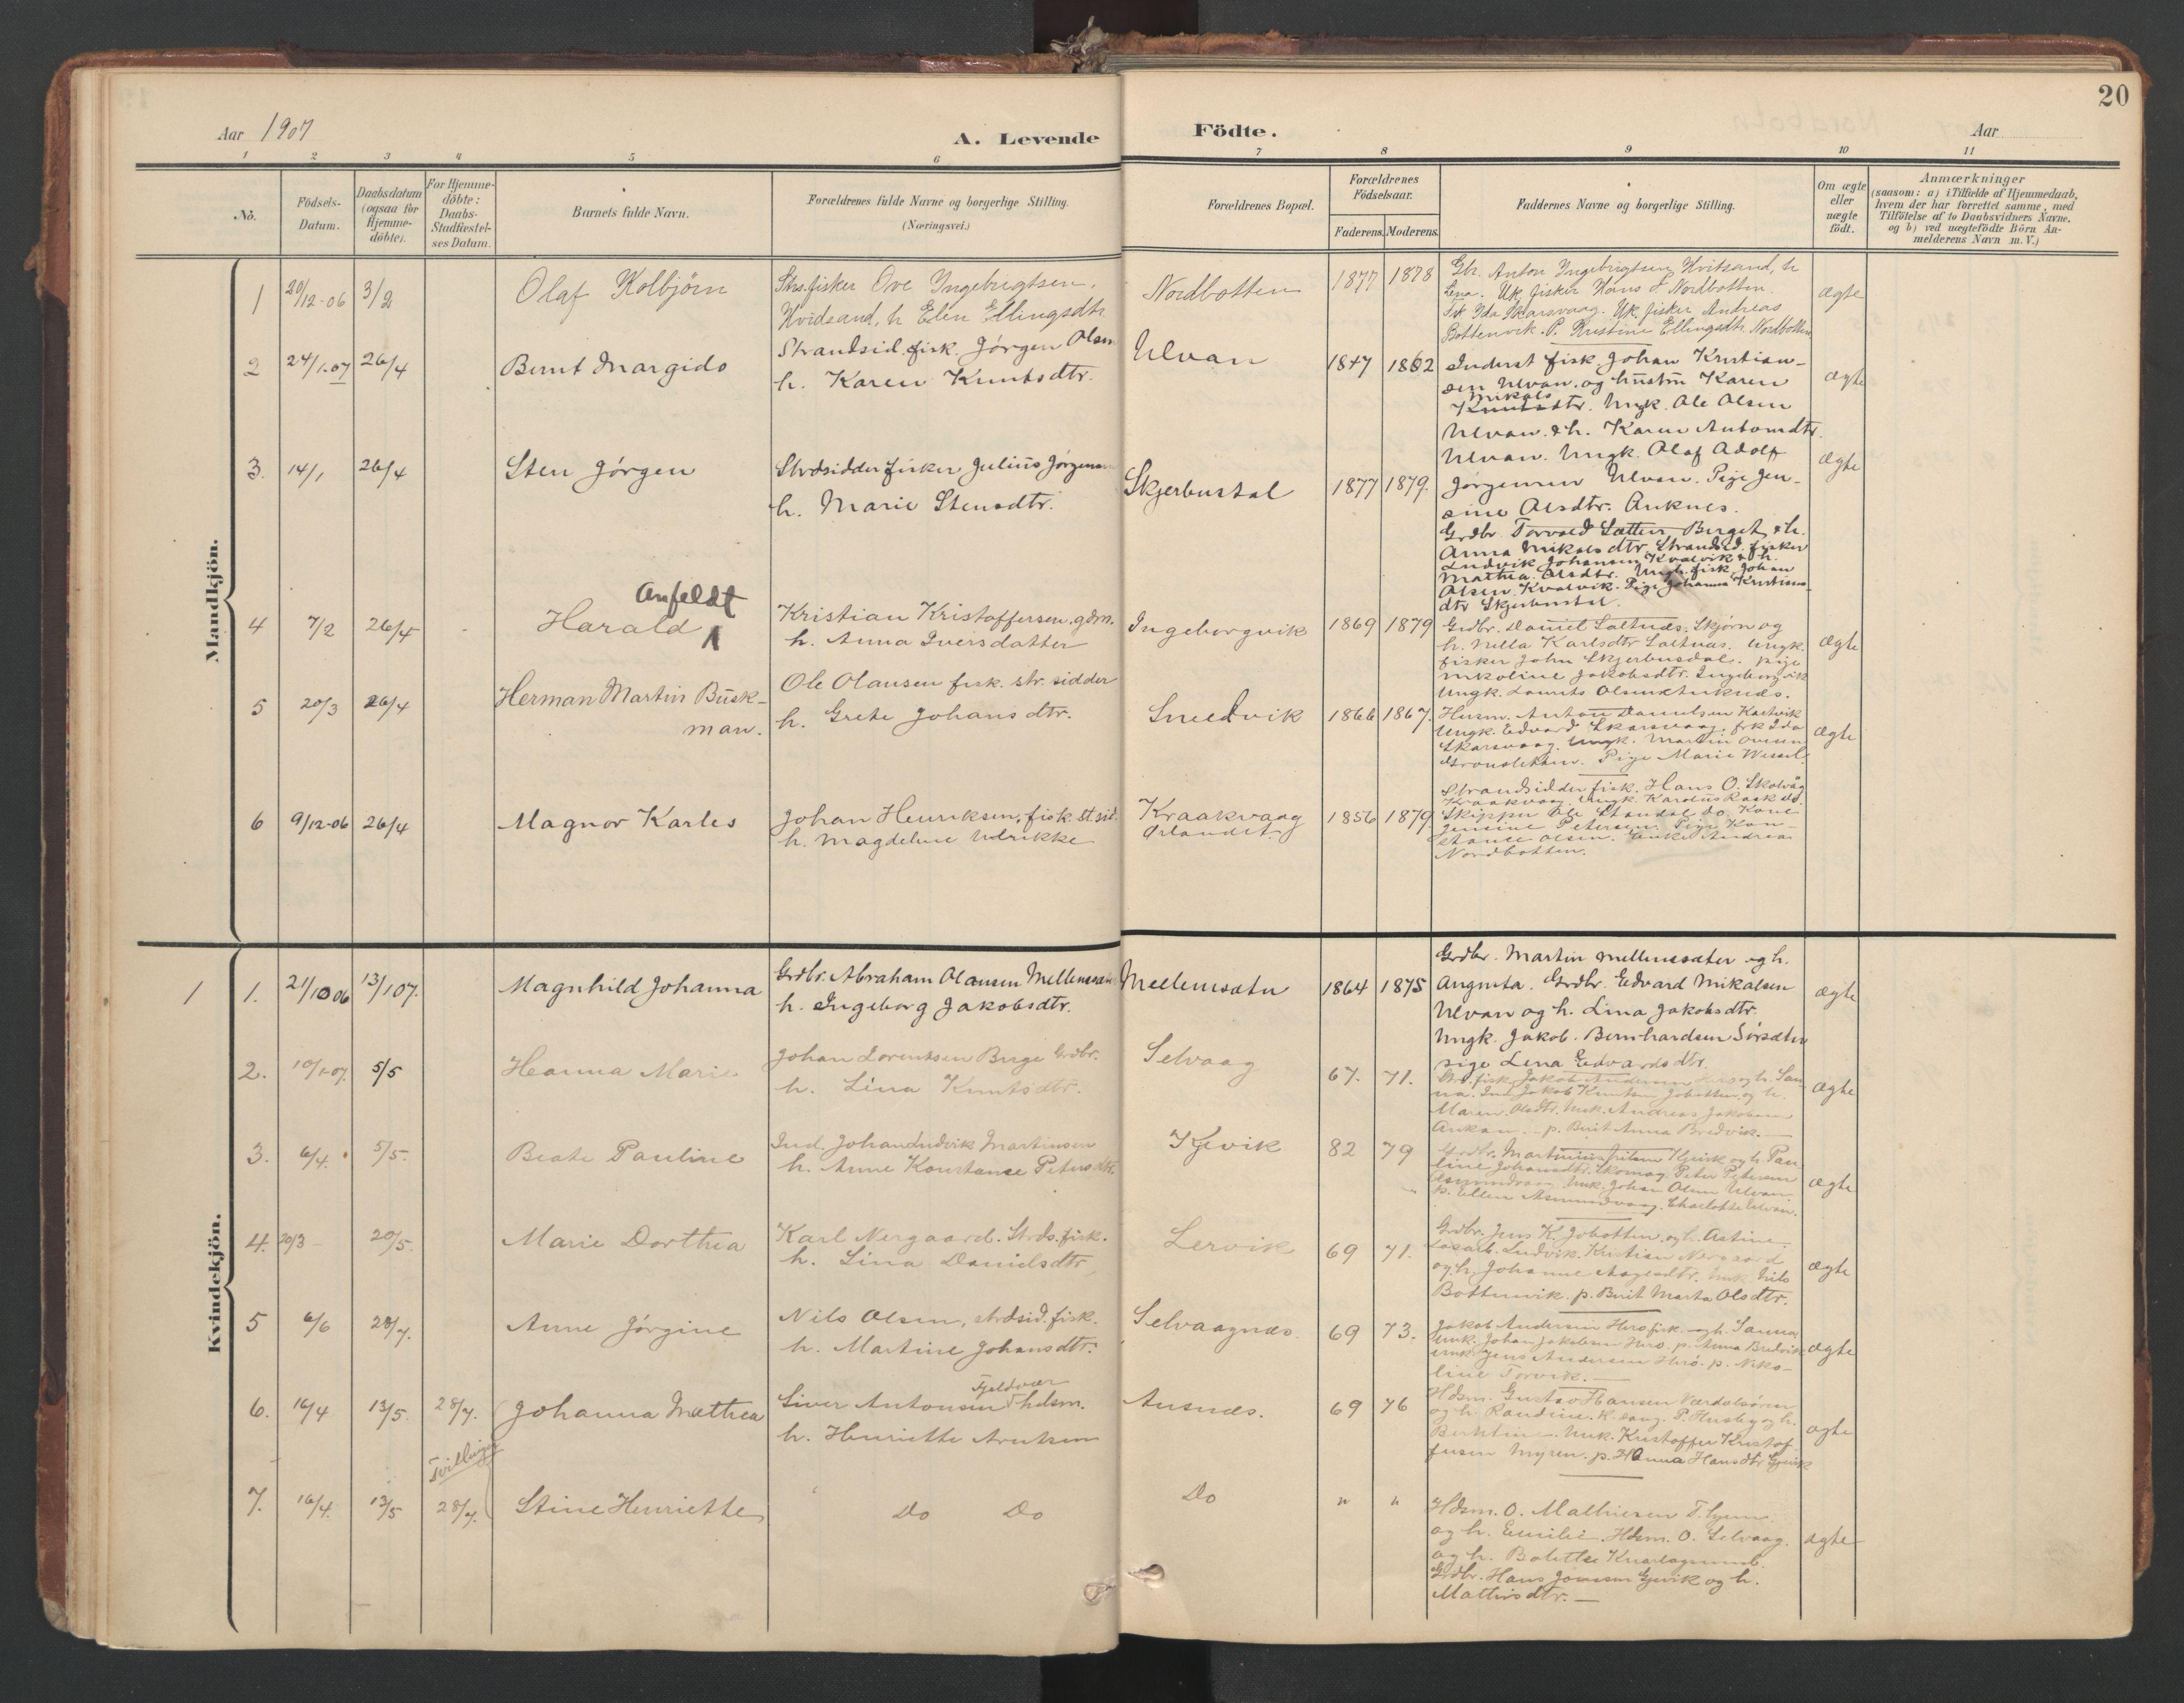 SAT, Ministerialprotokoller, klokkerbøker og fødselsregistre - Sør-Trøndelag, 638/L0568: Ministerialbok nr. 638A01, 1901-1916, s. 20